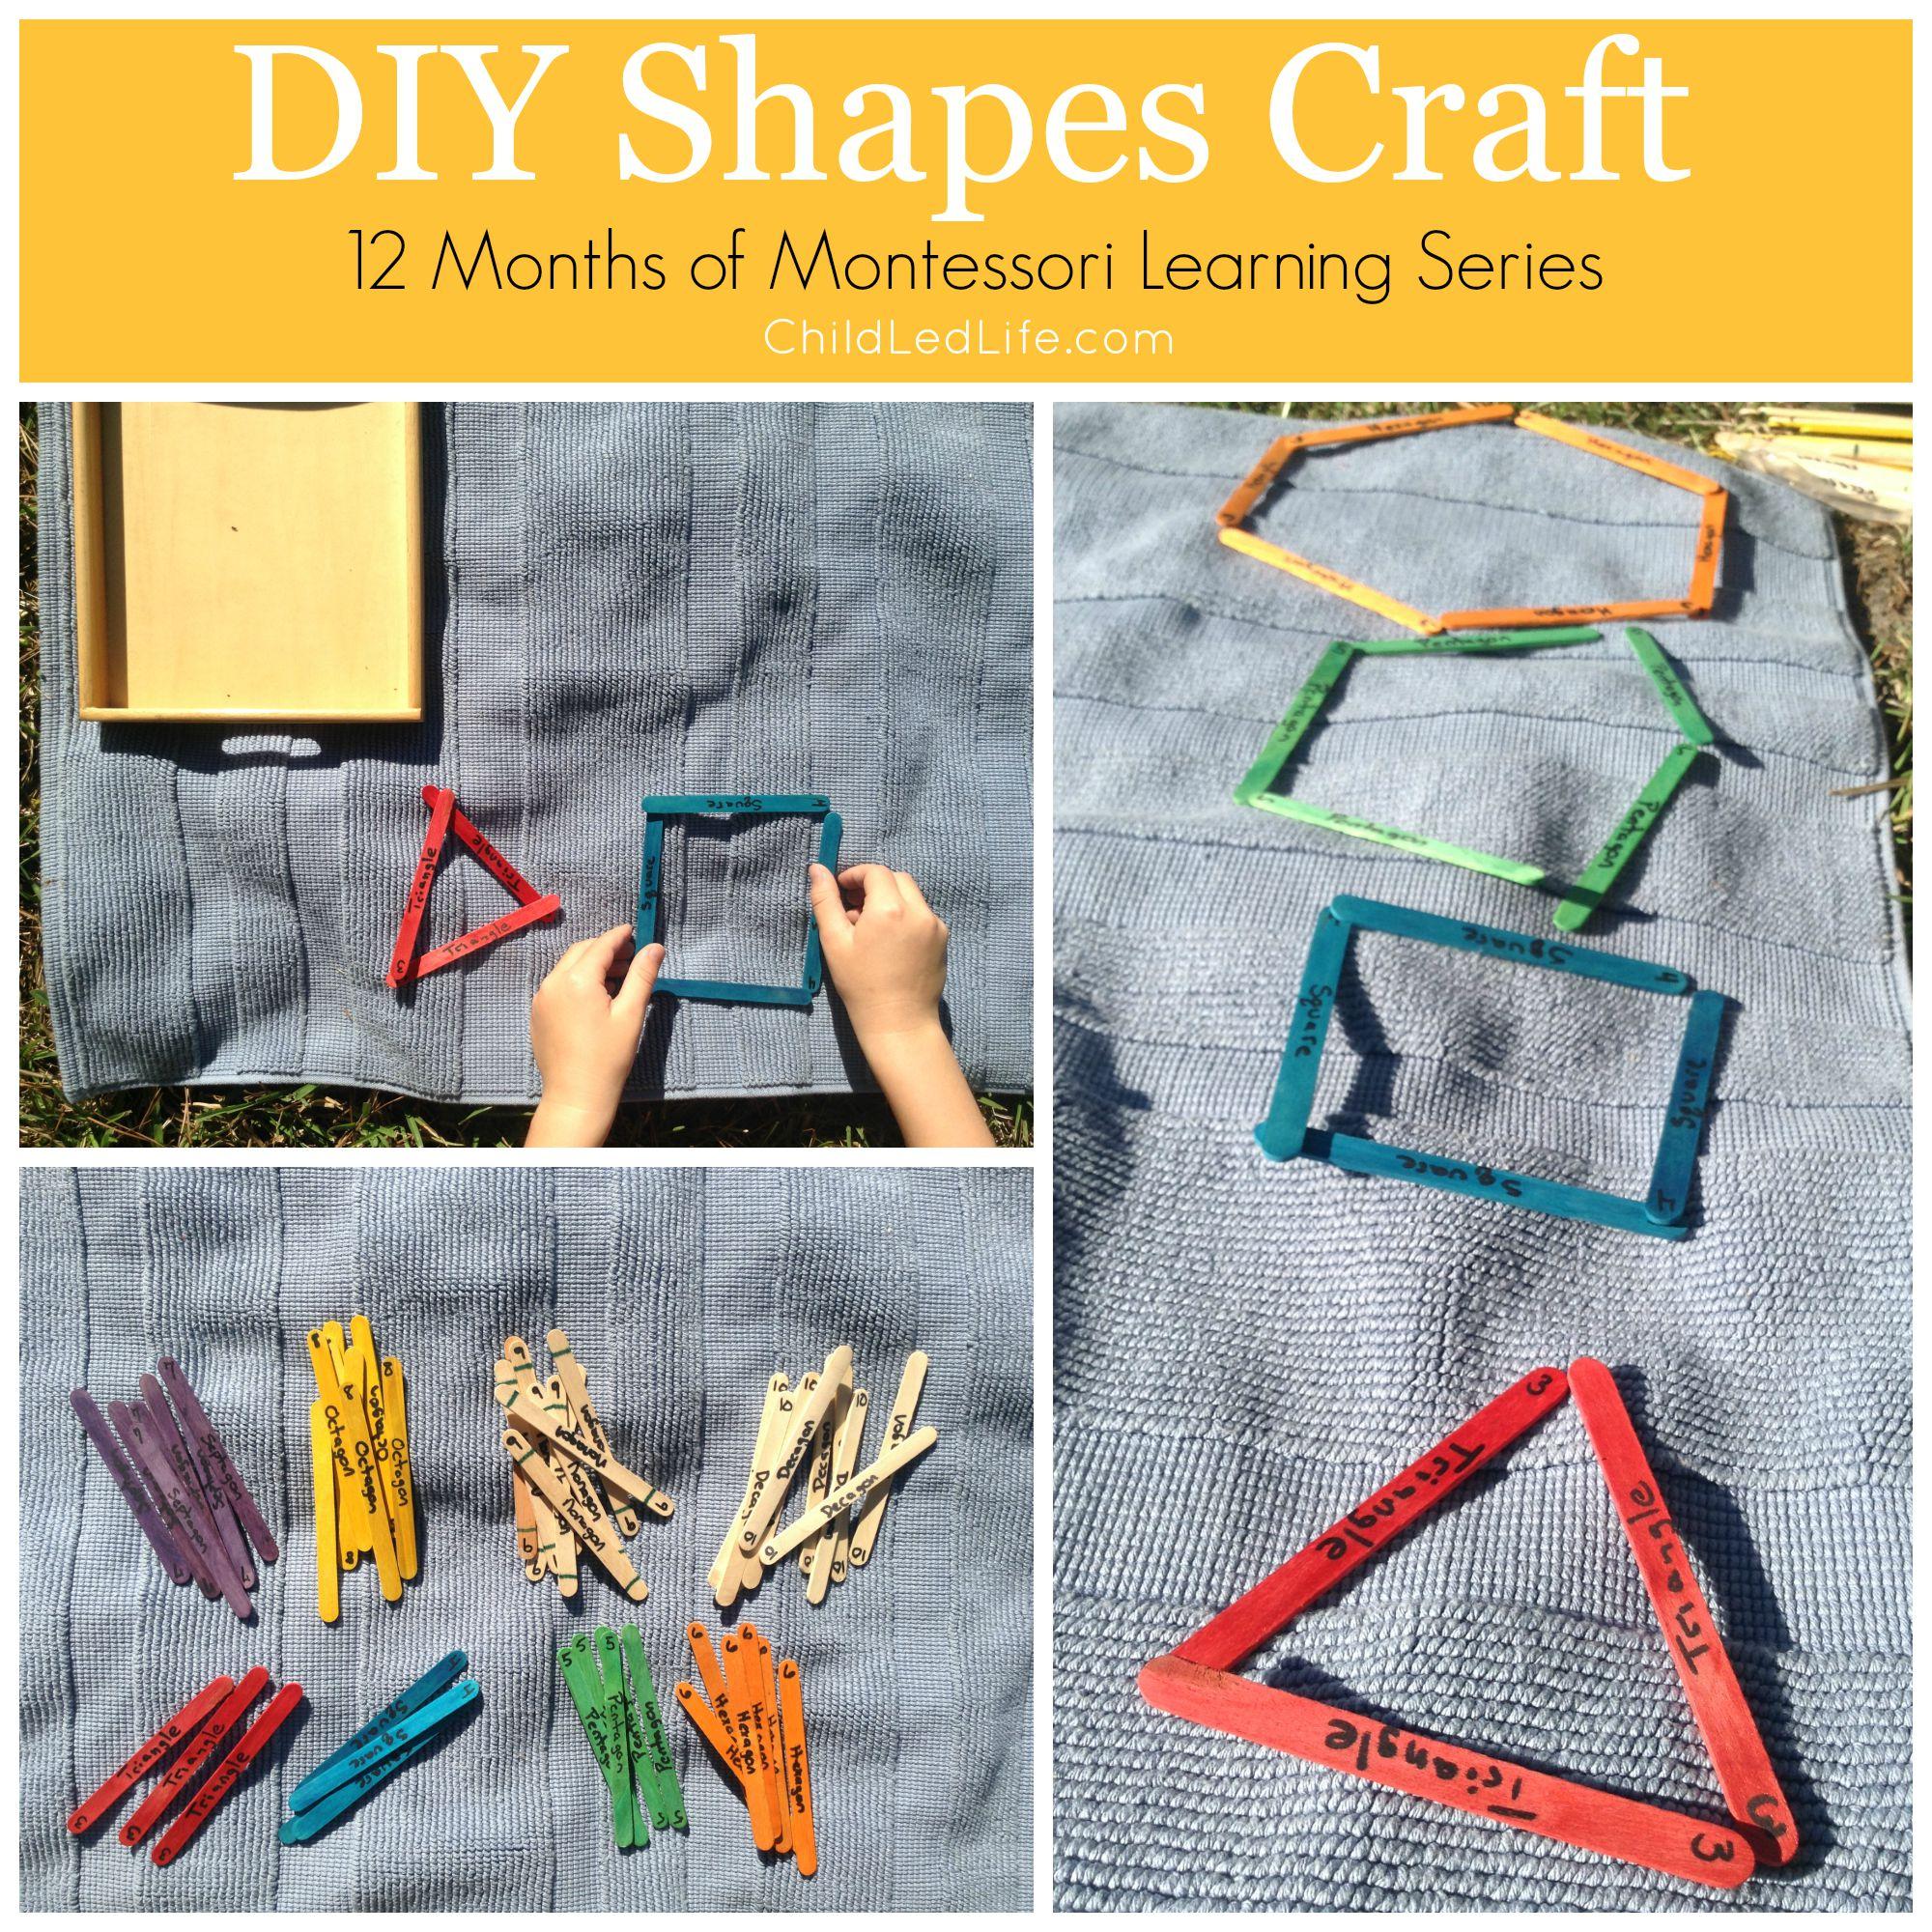 DIY Shapes Craft - Child Led Life